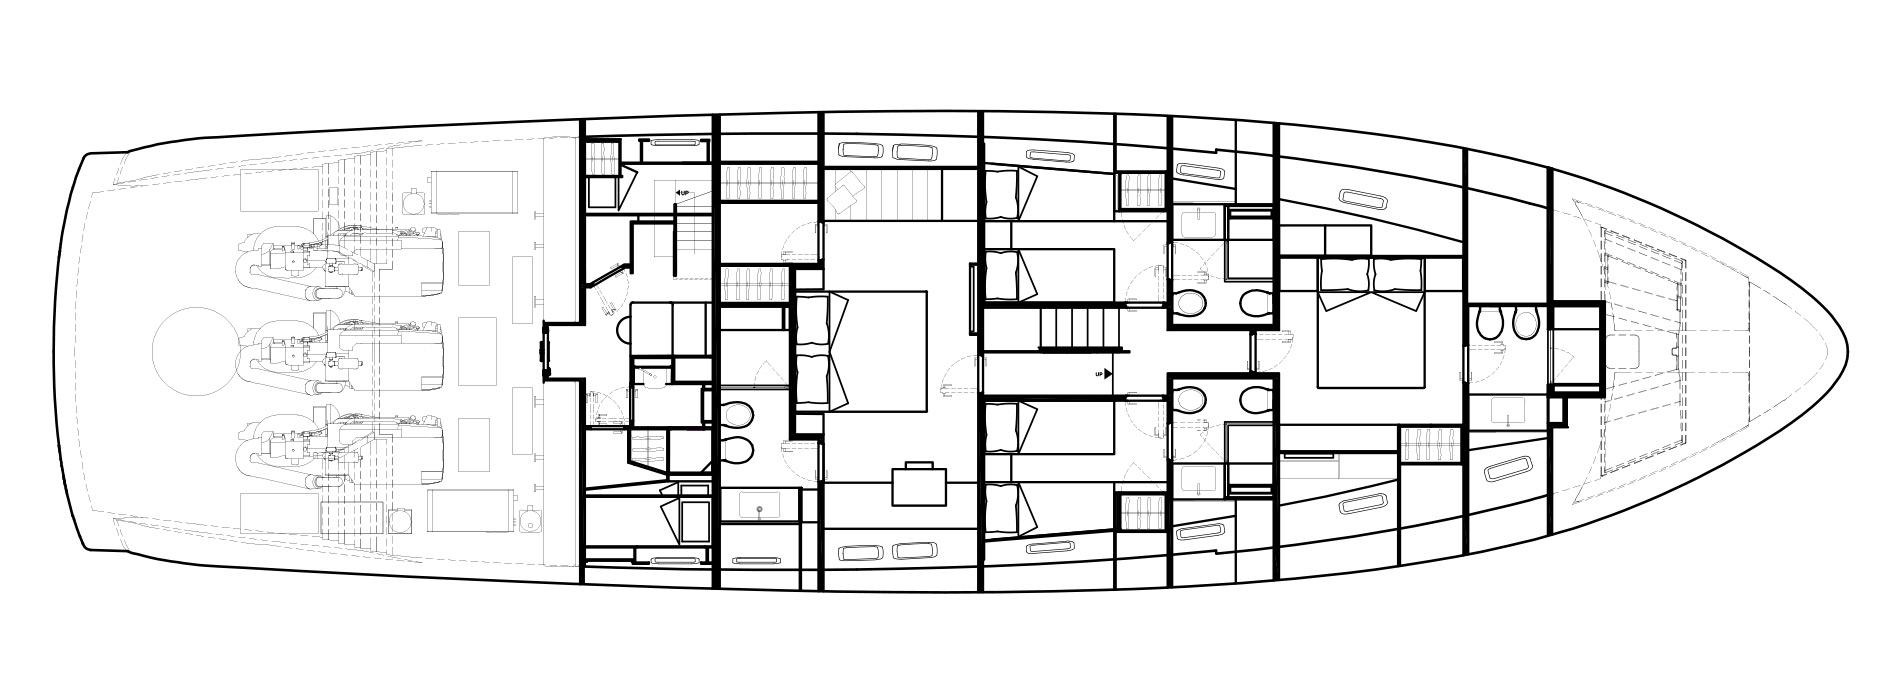 Sanlorenzo Yachts SX88 Lower Deck Version A